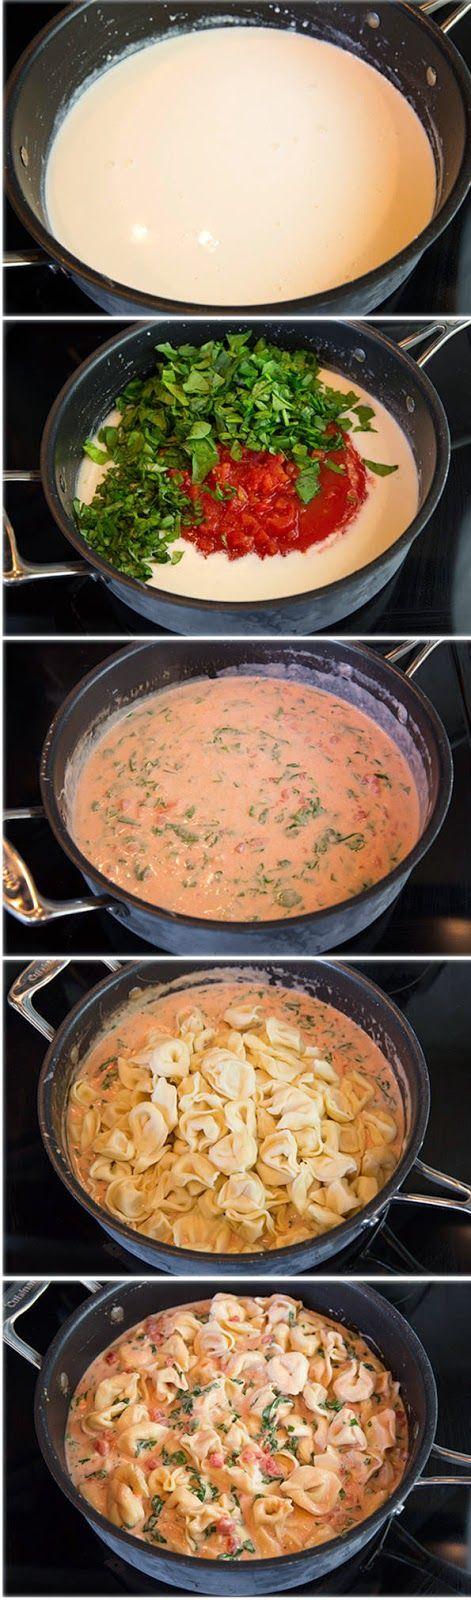 Creamy Spinach Tomato Tortellini - cookclouds